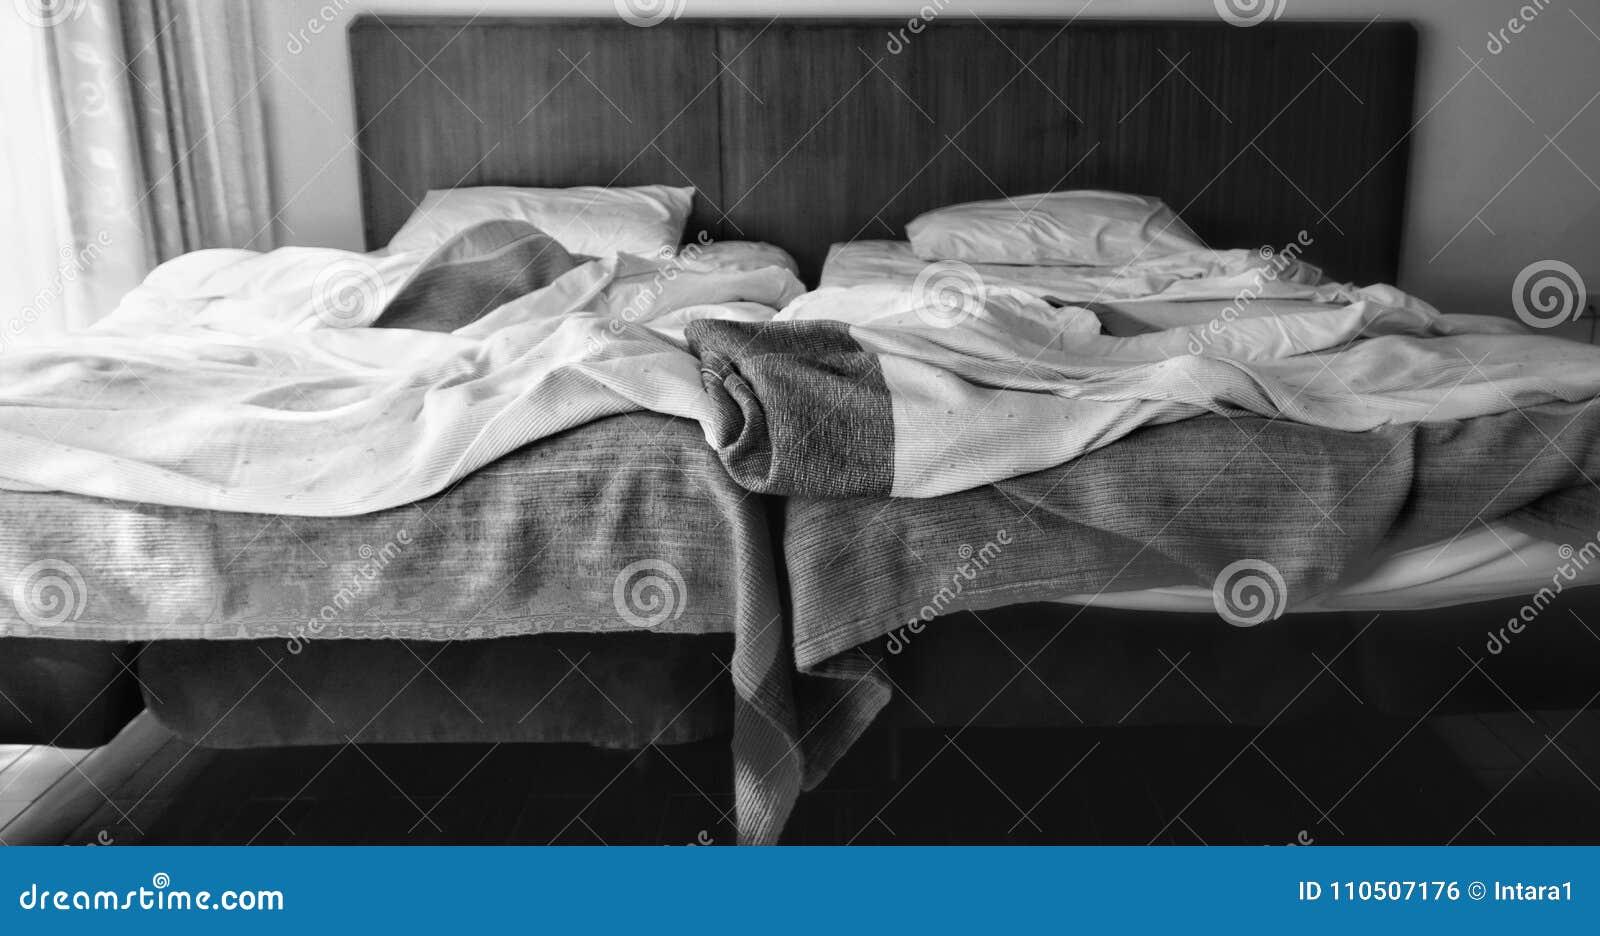 Zwei angrenzende Betten in Schwarzweiss mit unterschiedlicher heller Stärke